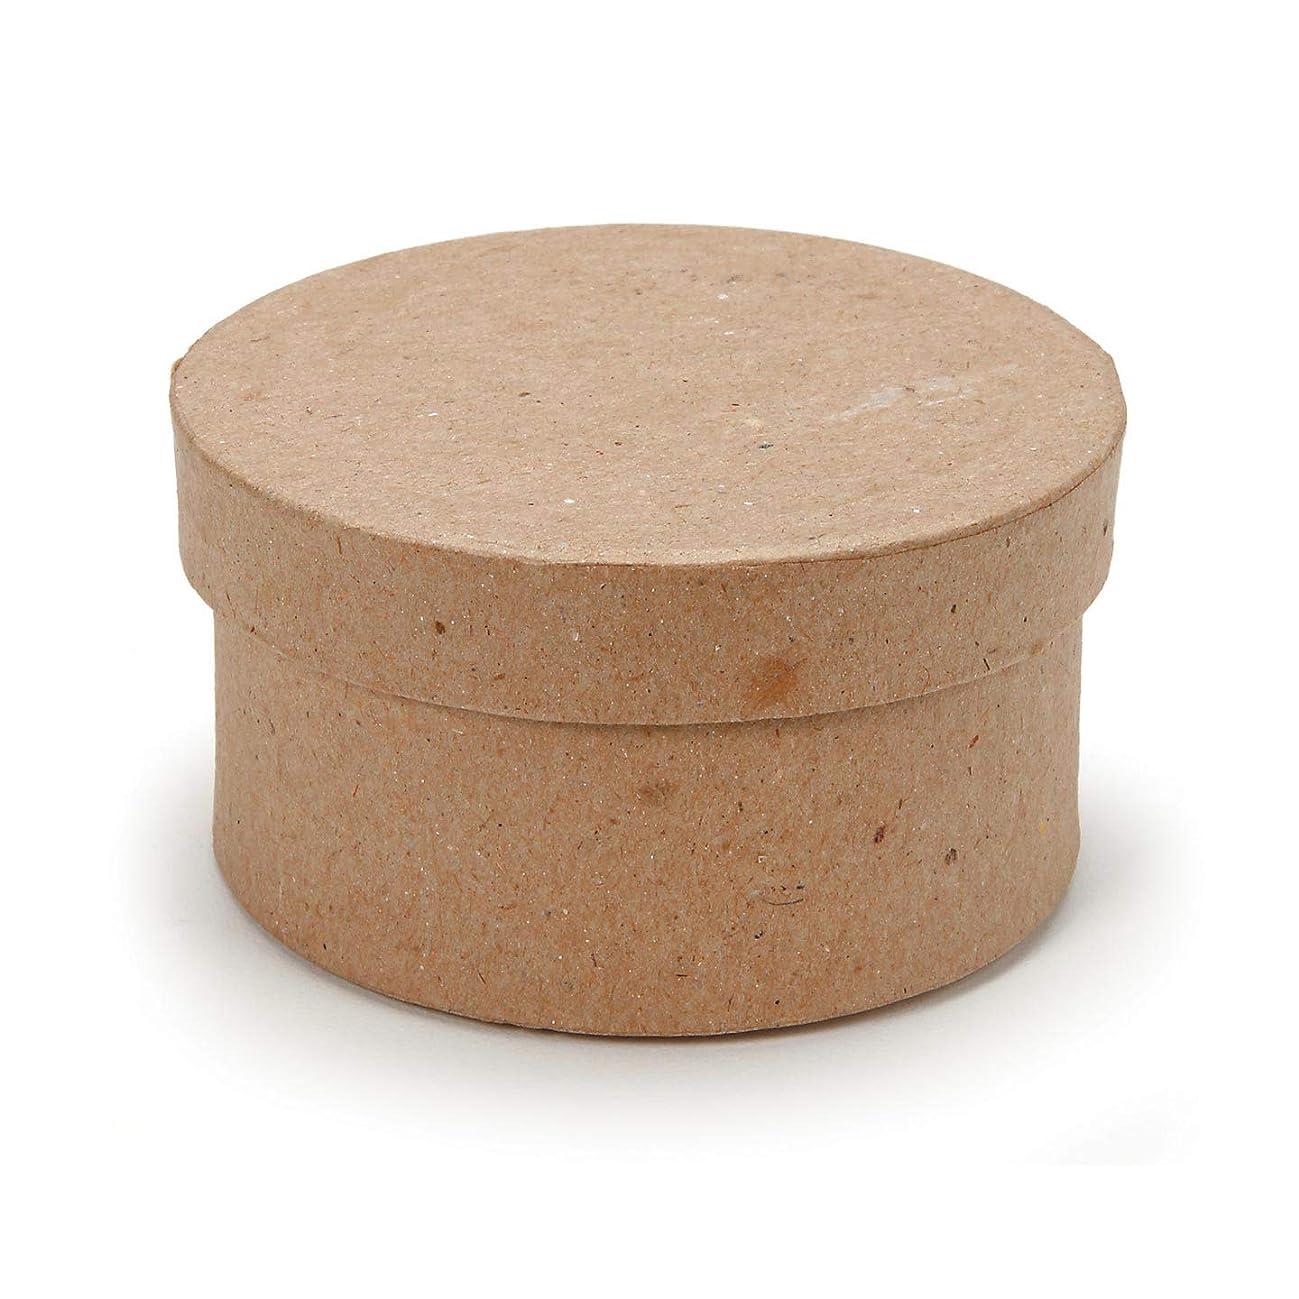 Bulk Buy: Darice DIY Crafts Paper Mache Mini Box Round 3 in (3-Pack) 2807-20